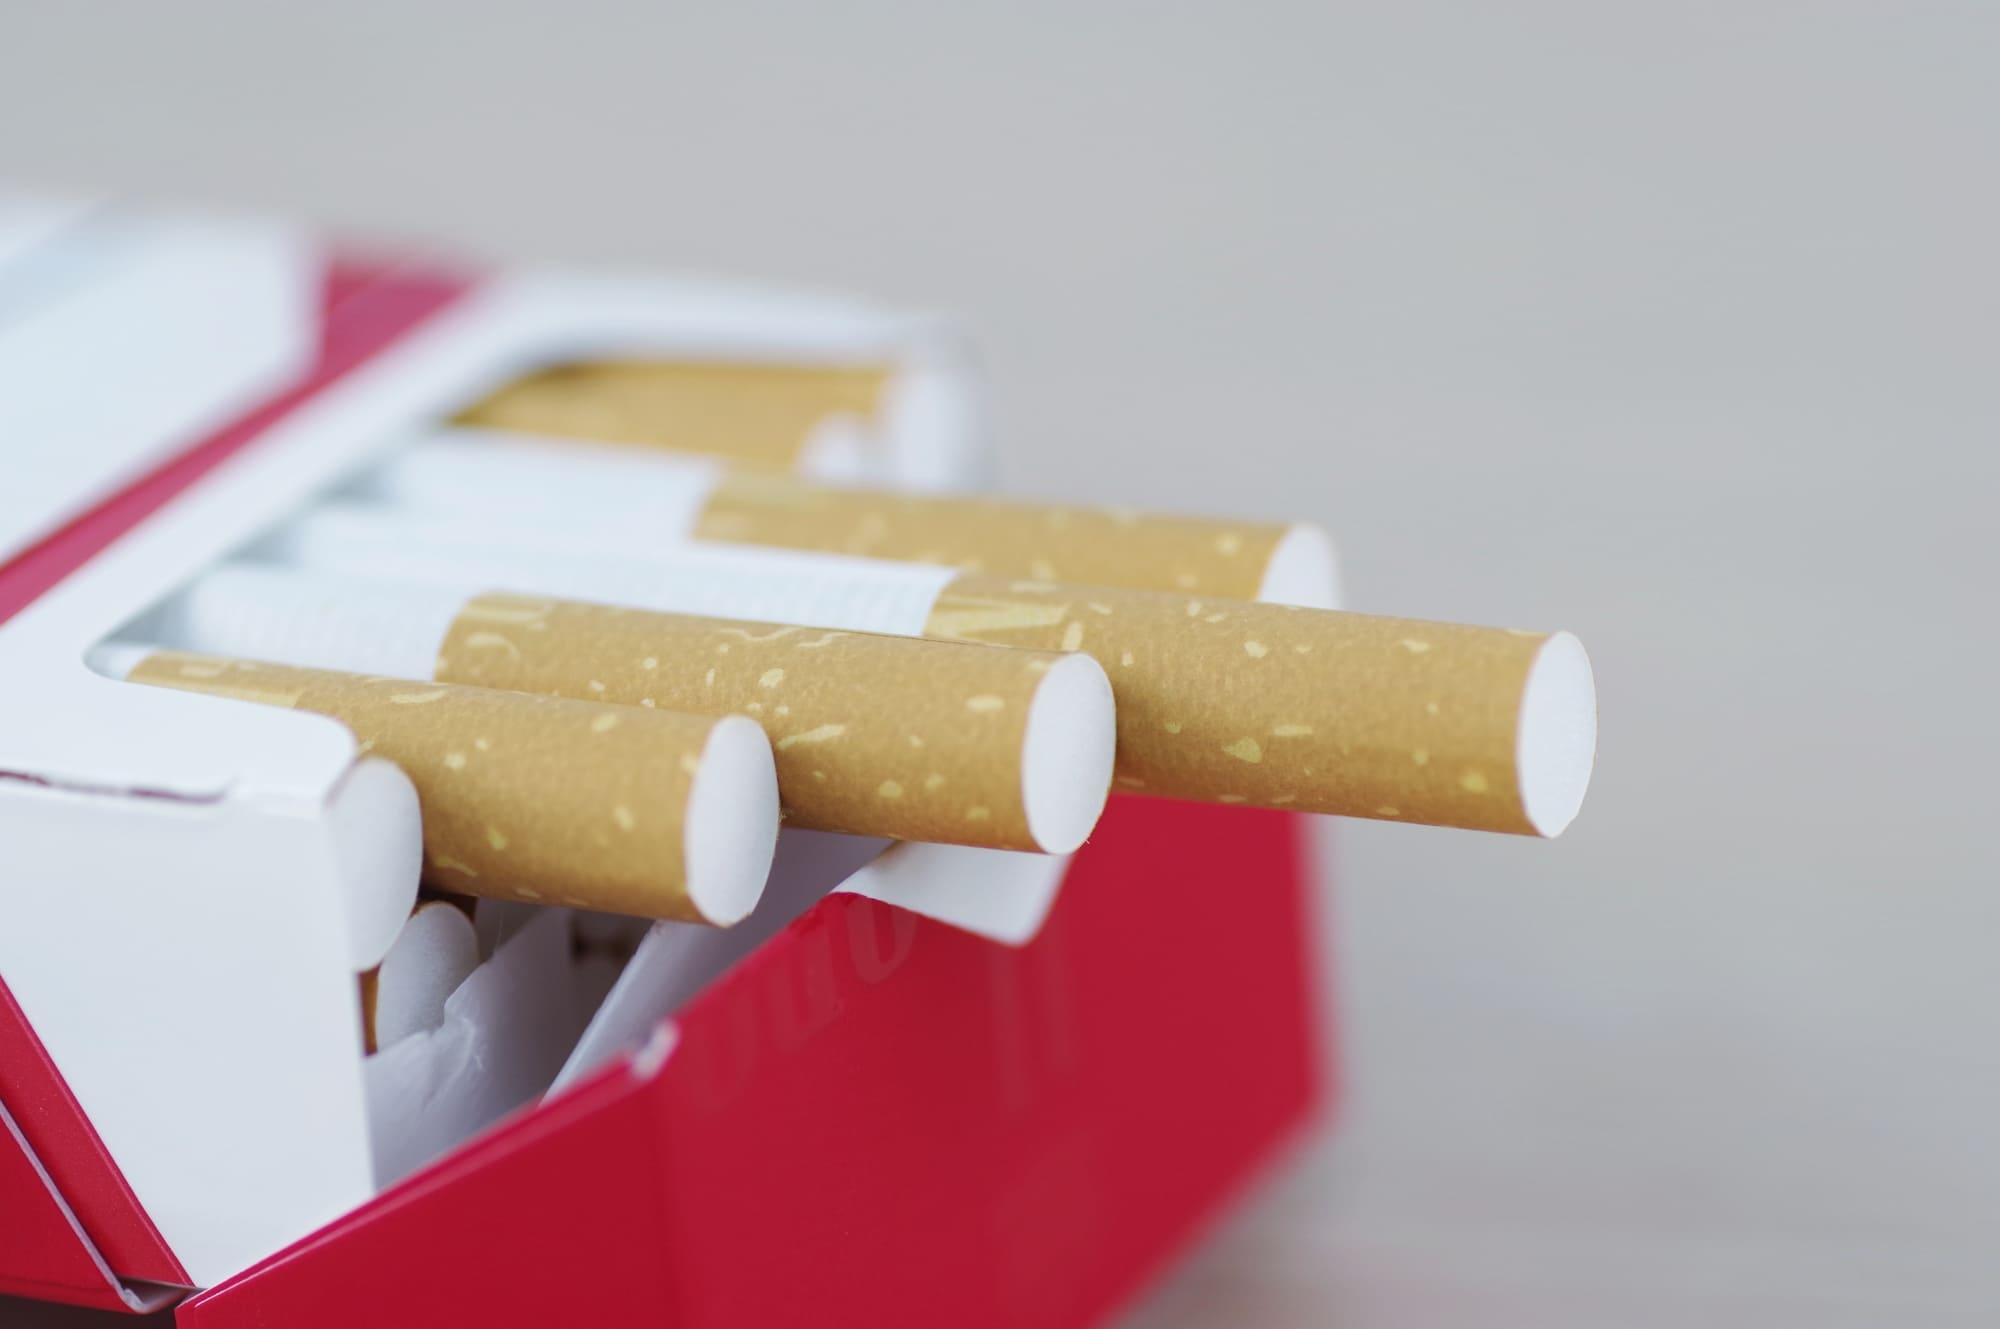 値段が安いタバコの銘柄【紙巻きタバコ】